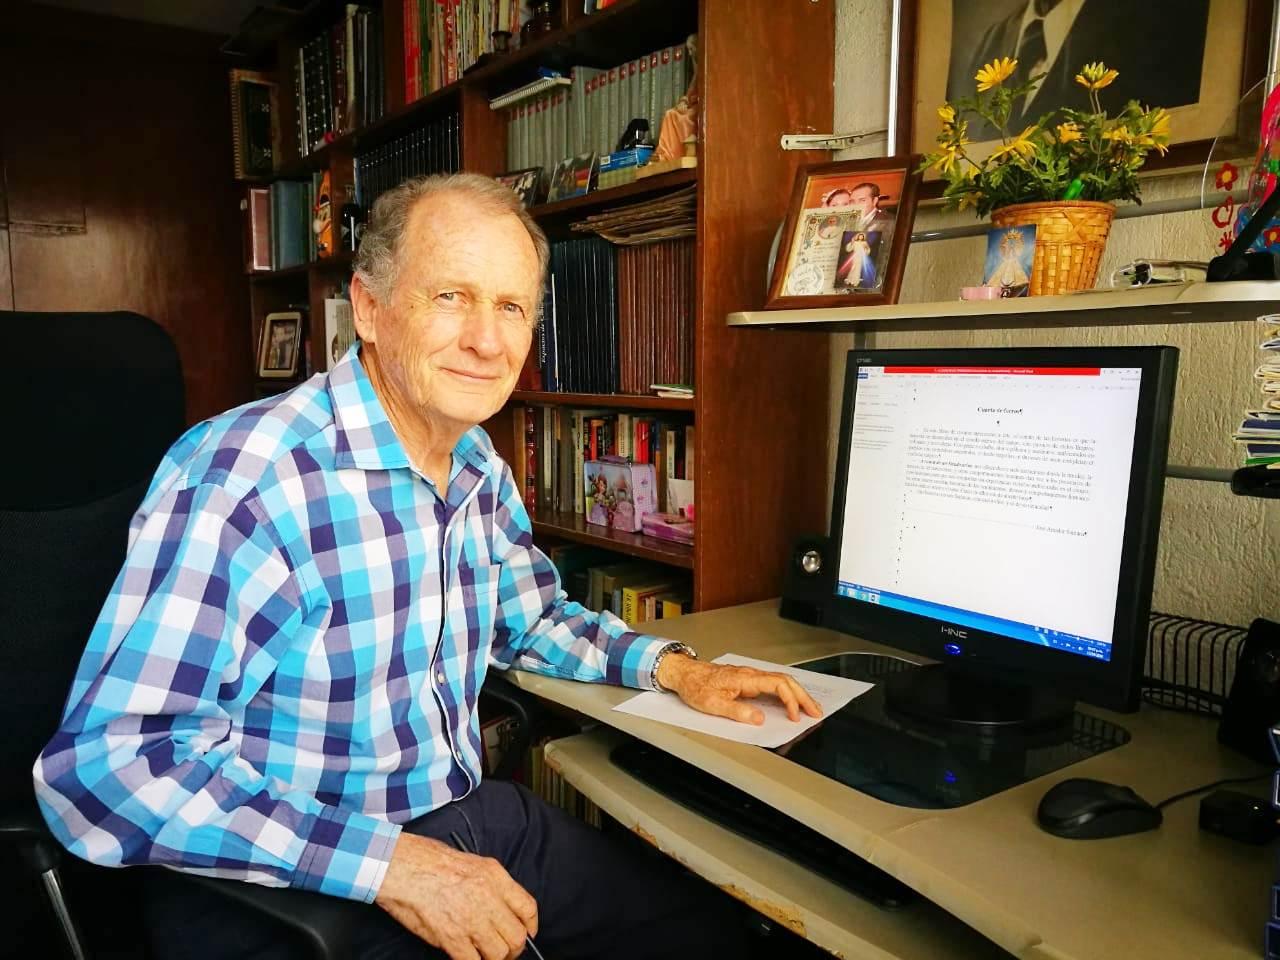 Presentarán tres novedades editoriales de la Secretaría de Cultura en el Ex Convento del Carmen